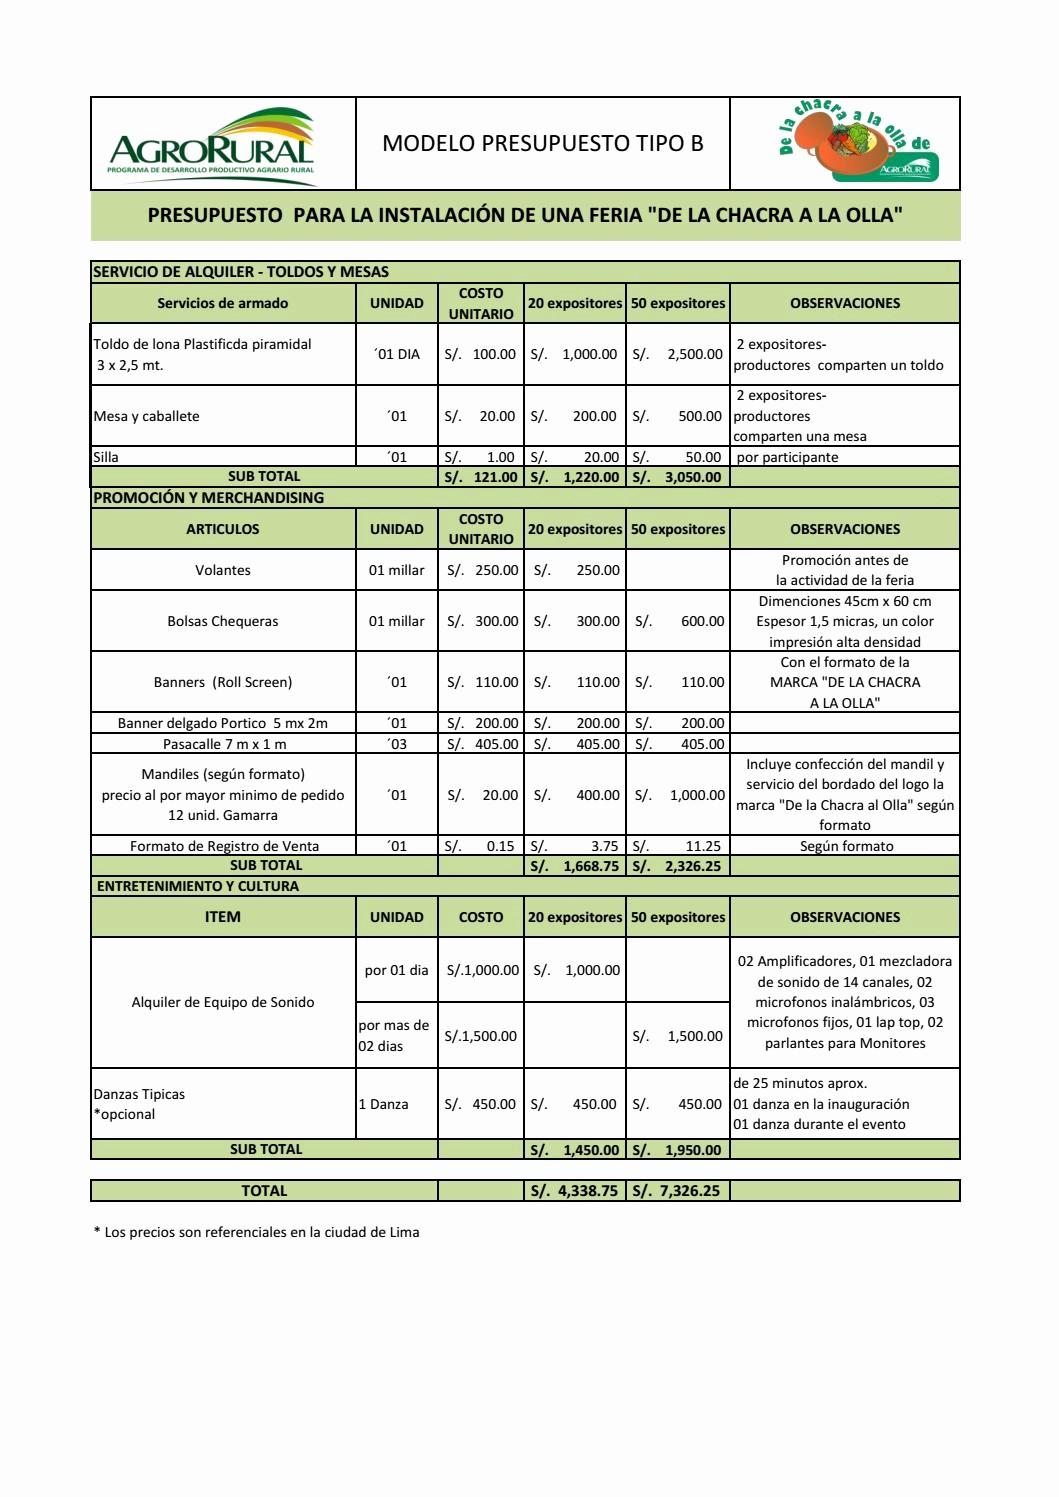 Formatos Para Cotizaciones O Presupuestos Lovely Presupuesto Instalación De Feria Tipo B by Agrorural issuu